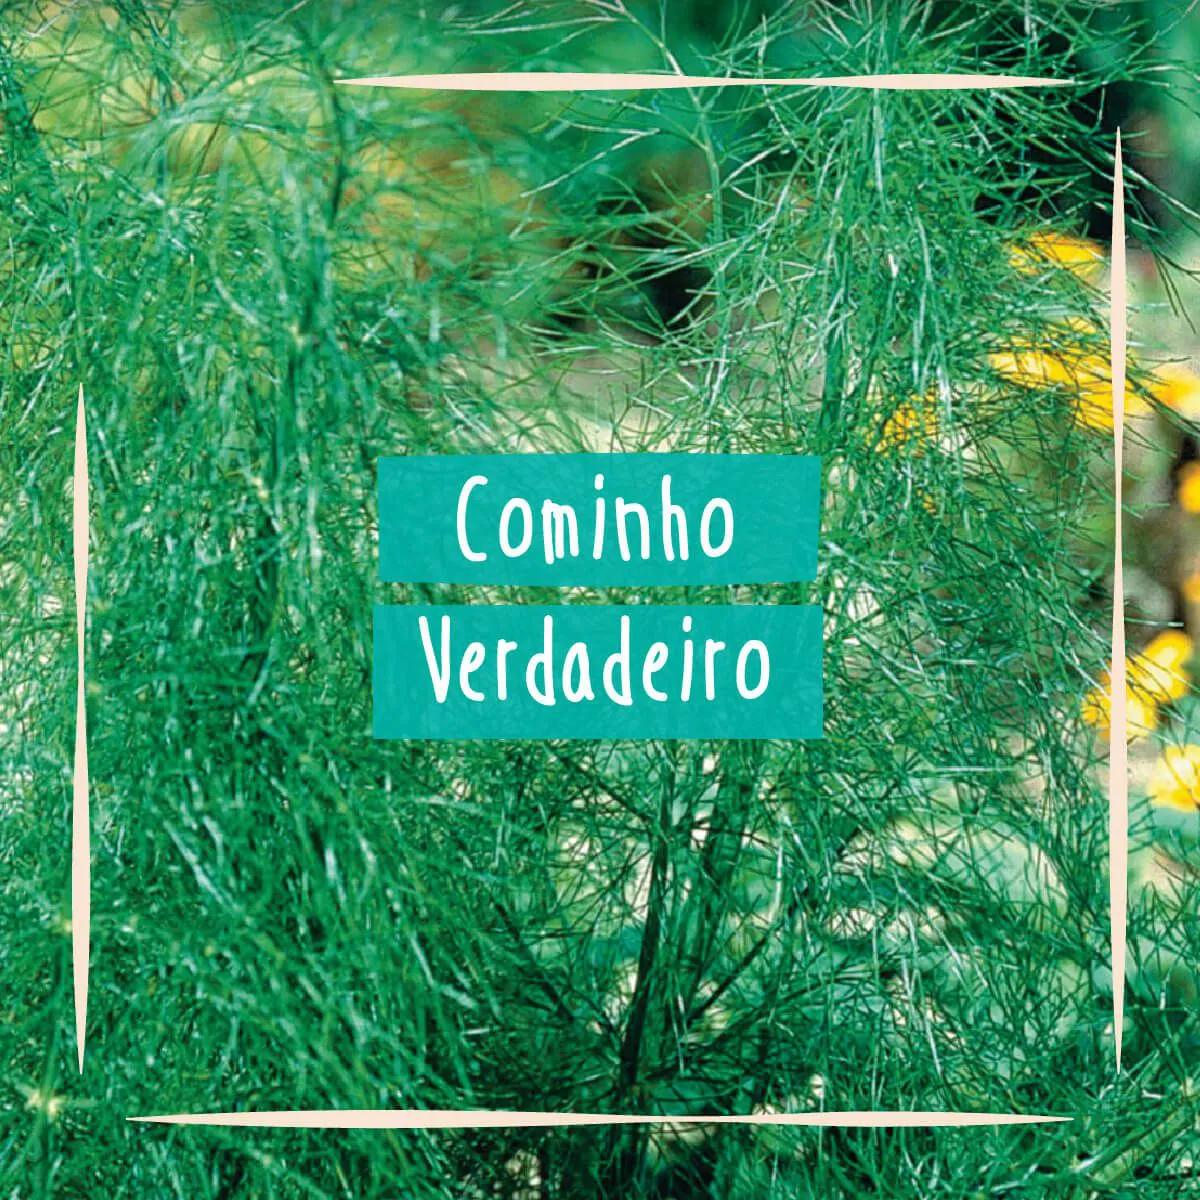 Sementes para plantar Cominho em vasos autoirrigáveis RAIZ  - Vasos Raiz Loja Oficial